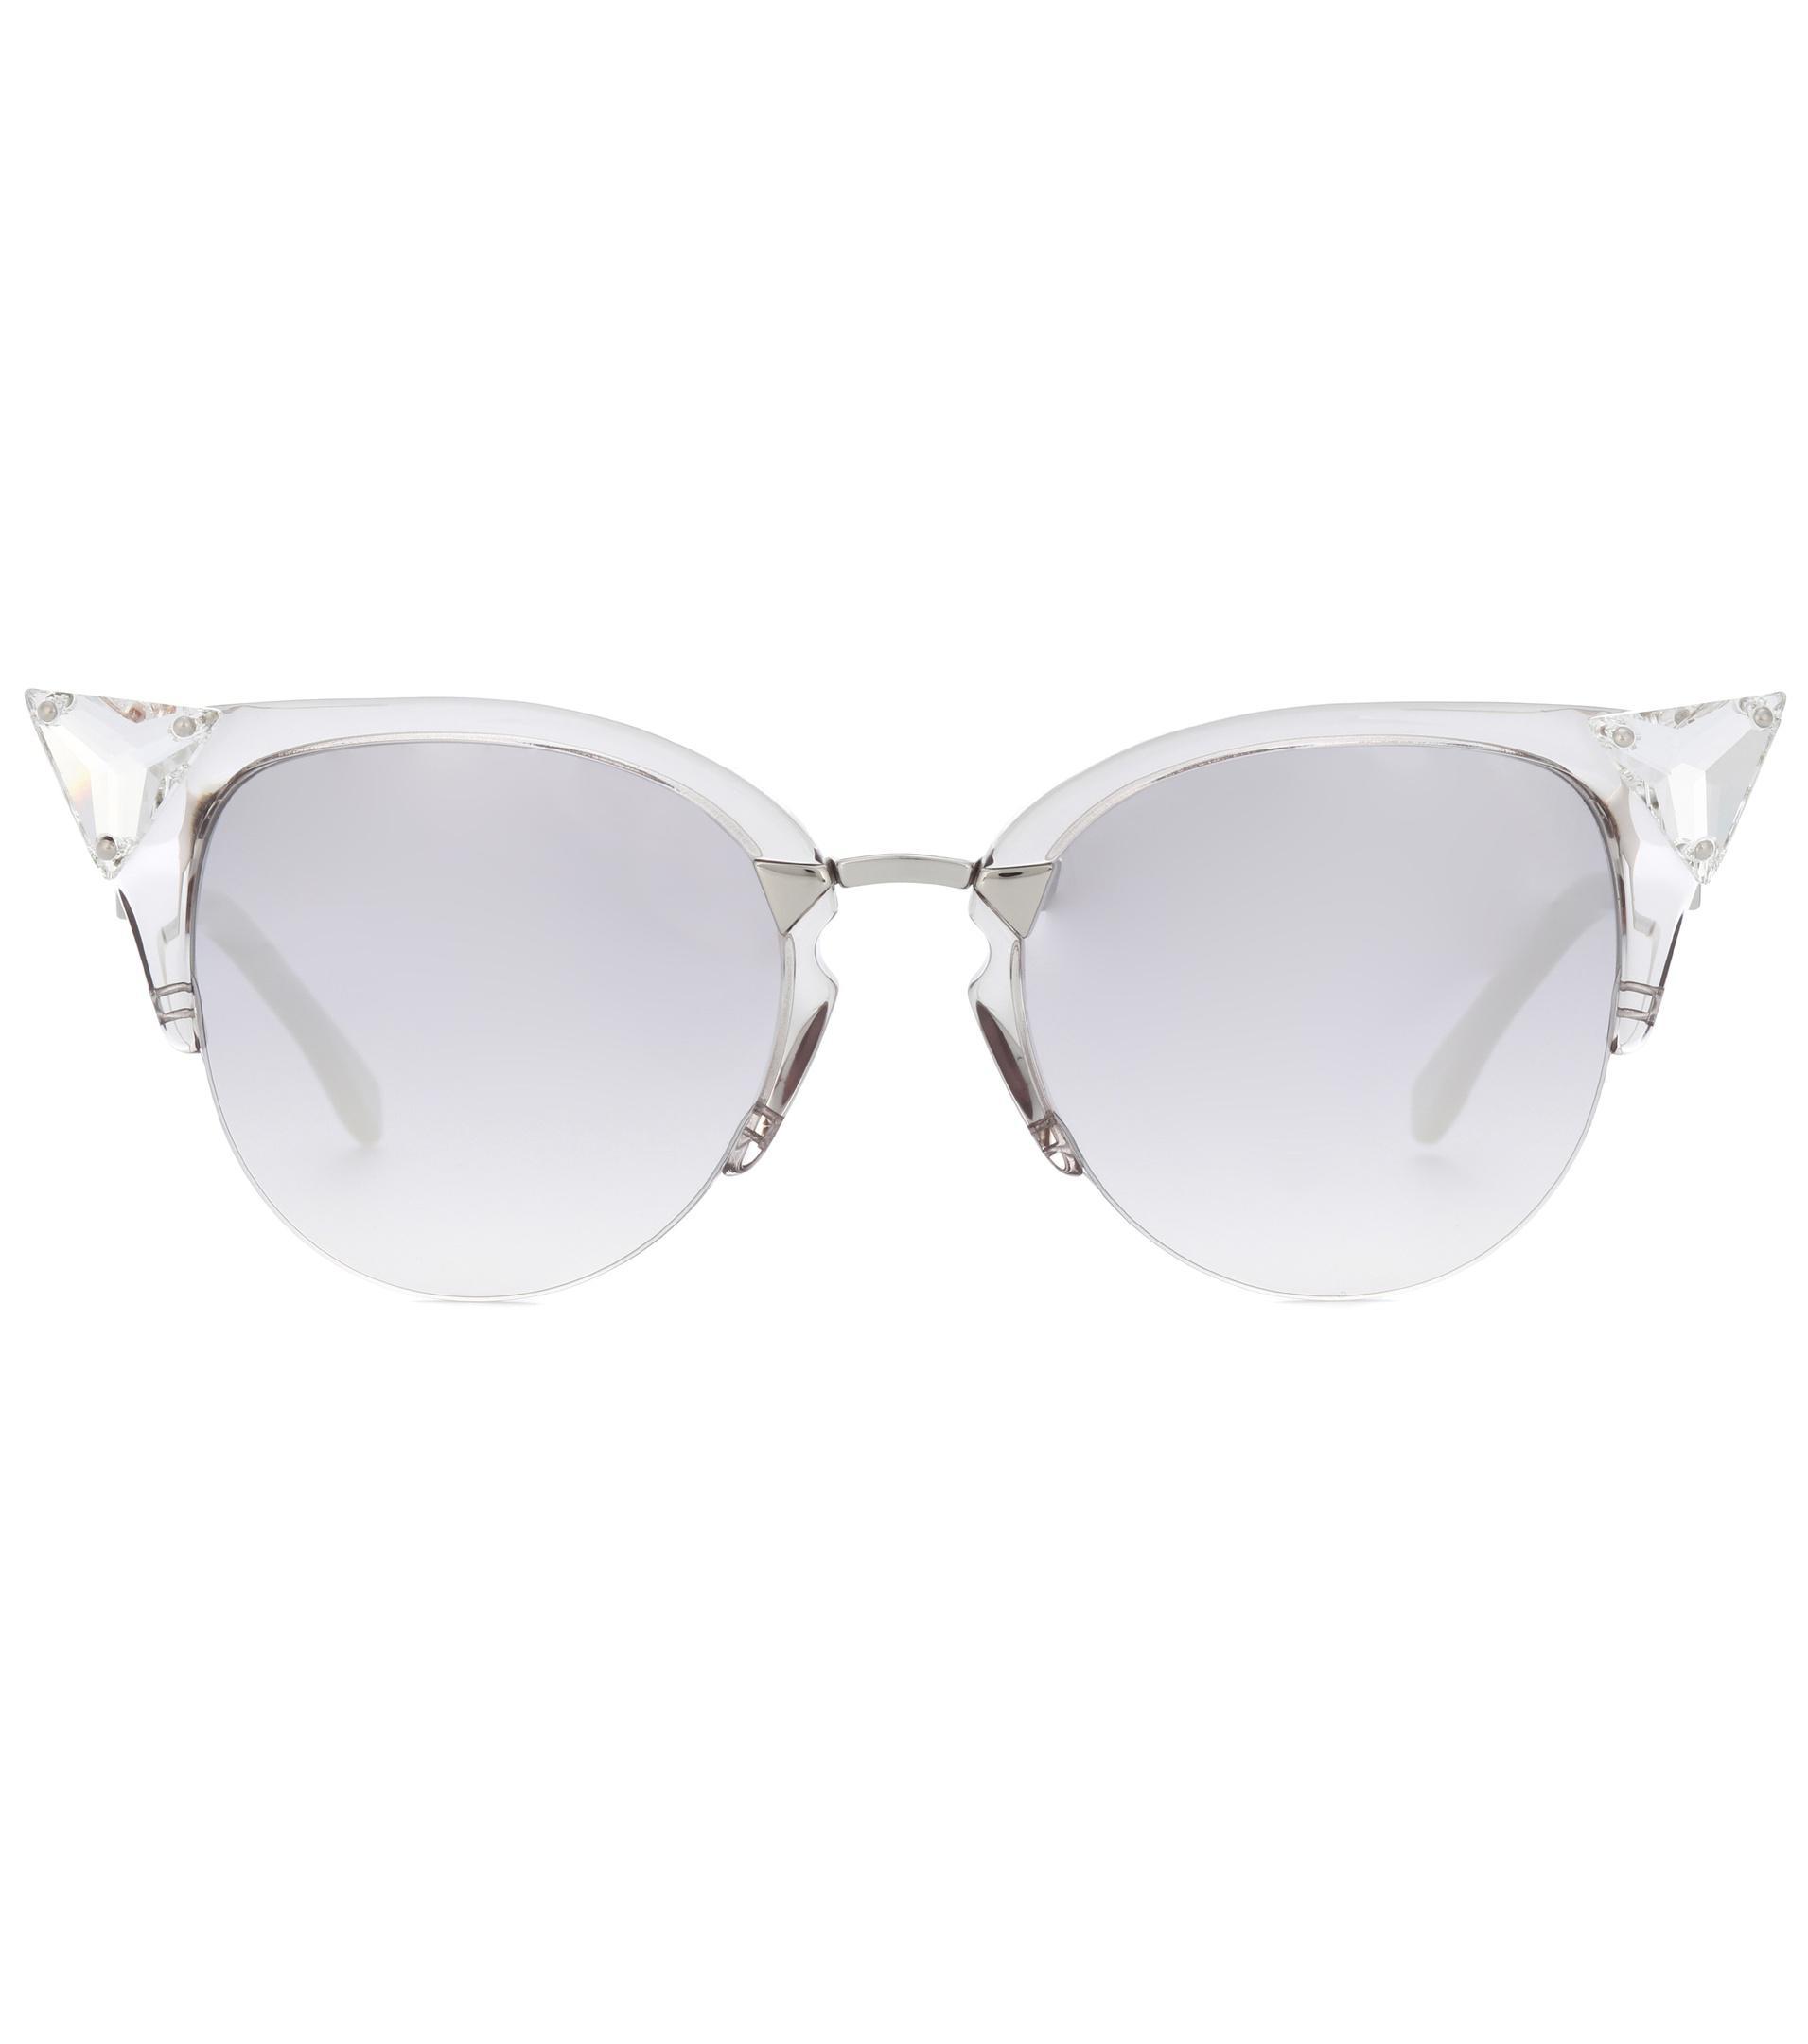 24aeb1b1e4 Lyst - Fendi Iridia Browline Sunglasses in Gray